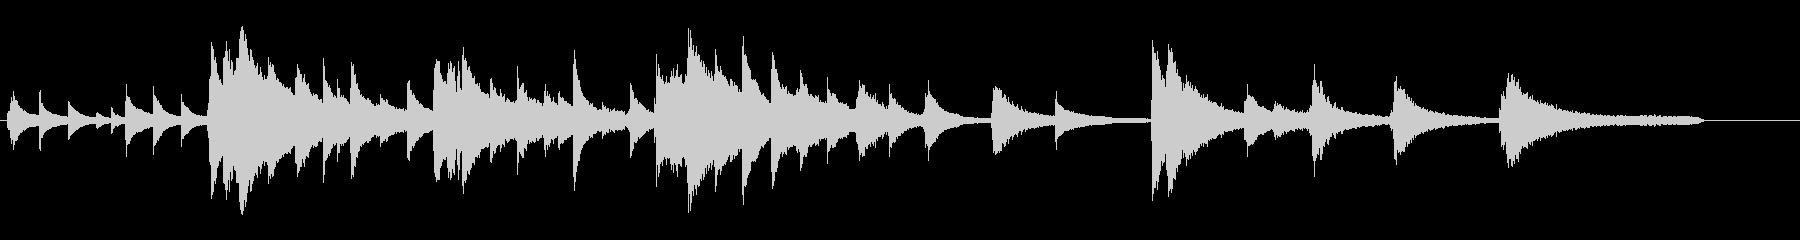 憂鬱な雰囲気のピアノソロの未再生の波形